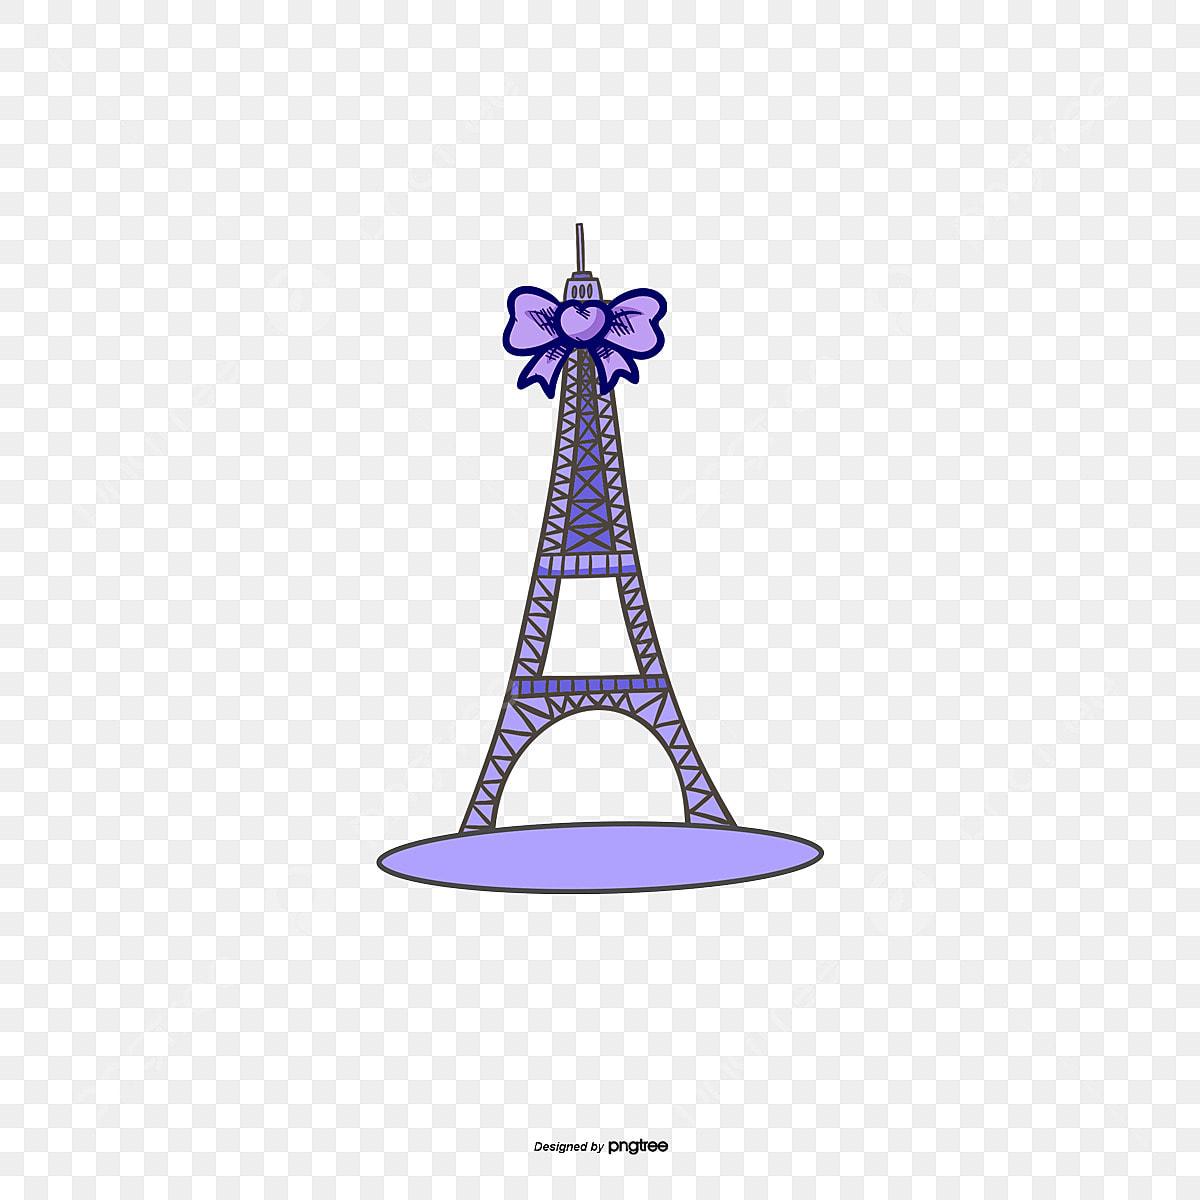 acheter authentique prix favorable sélectionner pour le meilleur Le Vecteur De Flacon De Parfum, Rose, Nœud Papillon, France ...